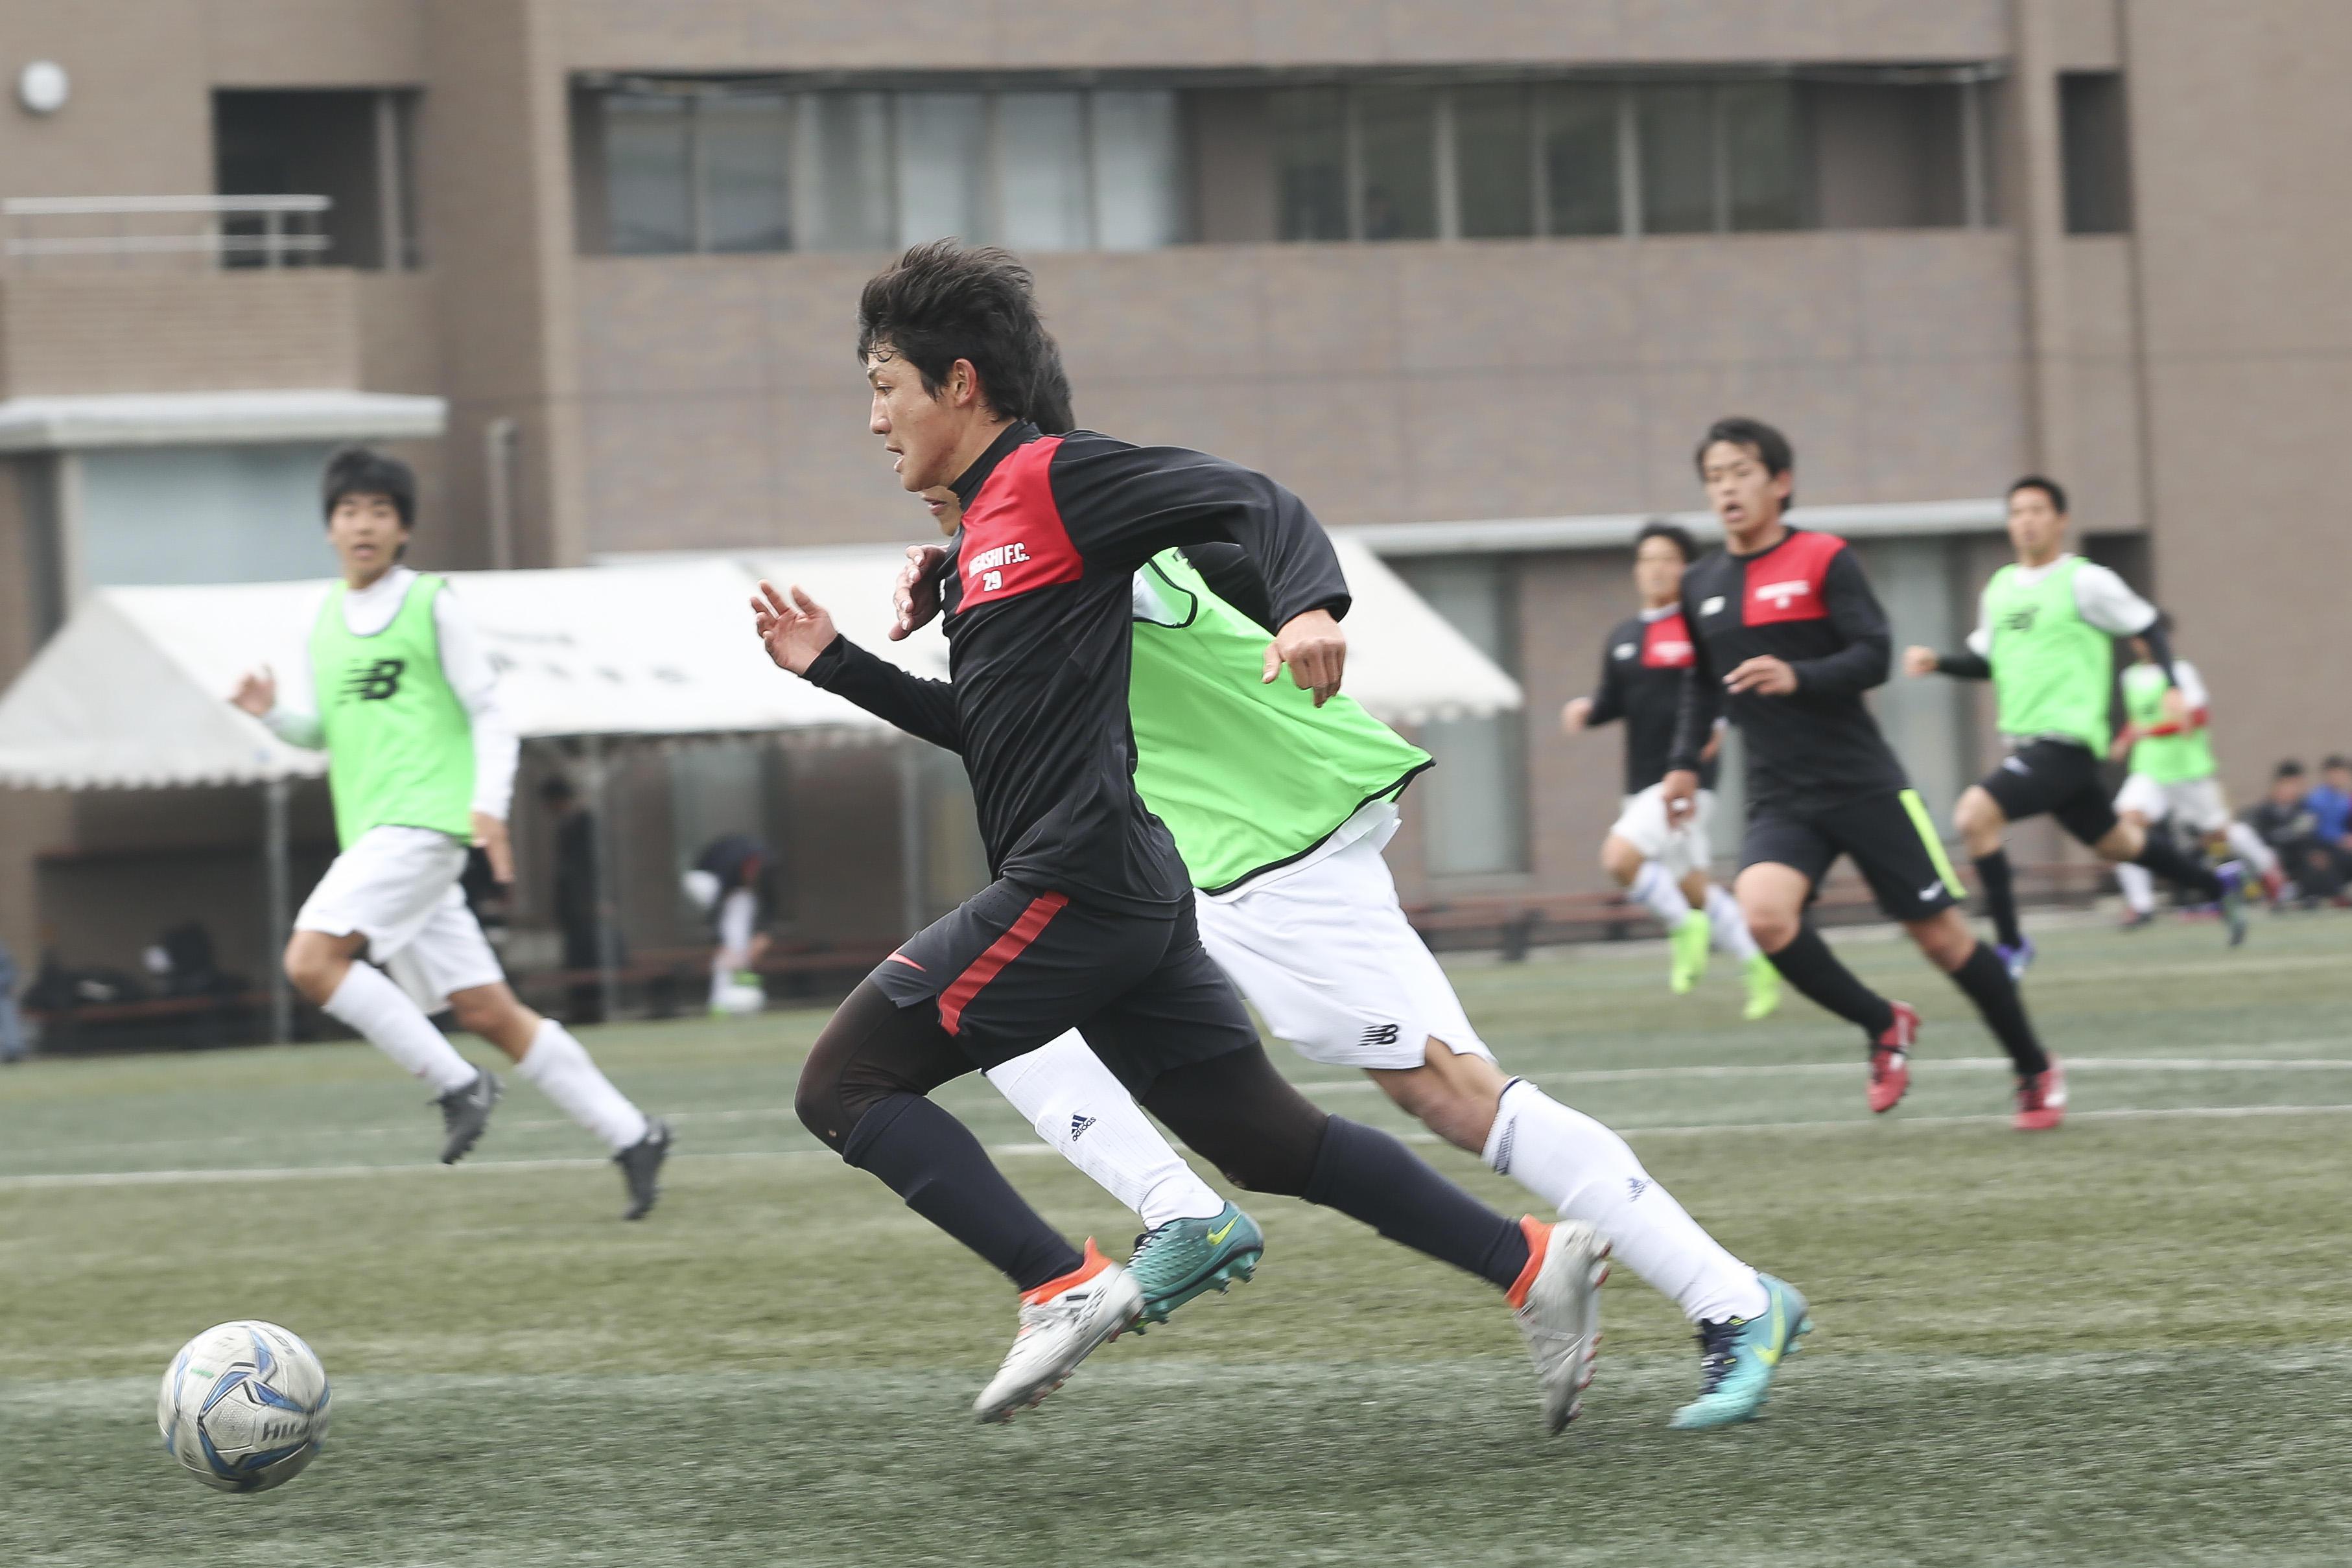 東福岡サッカー部の練習&紅白戦に潜入!-POCARI SWEAT SPECIAL SESSION